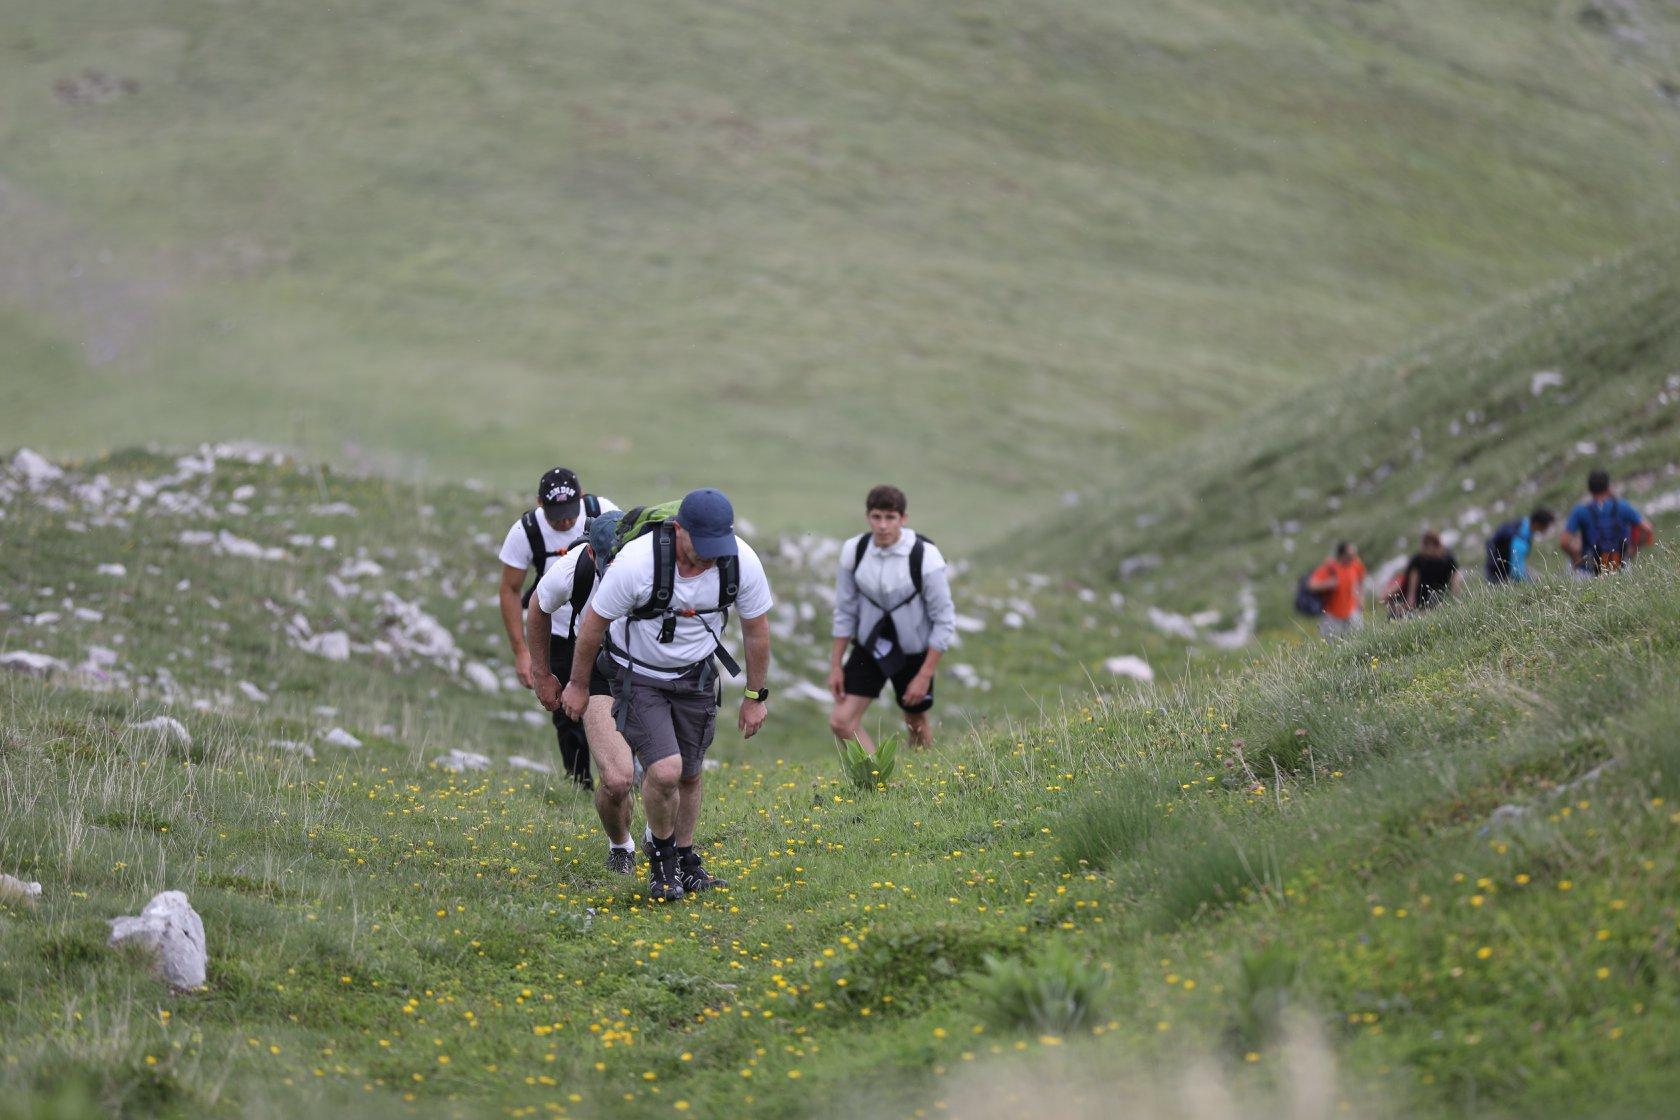 Studentët ngjiten në majën e Lubotenit në shënim të Ditës Olimpike Ndërkombëtare